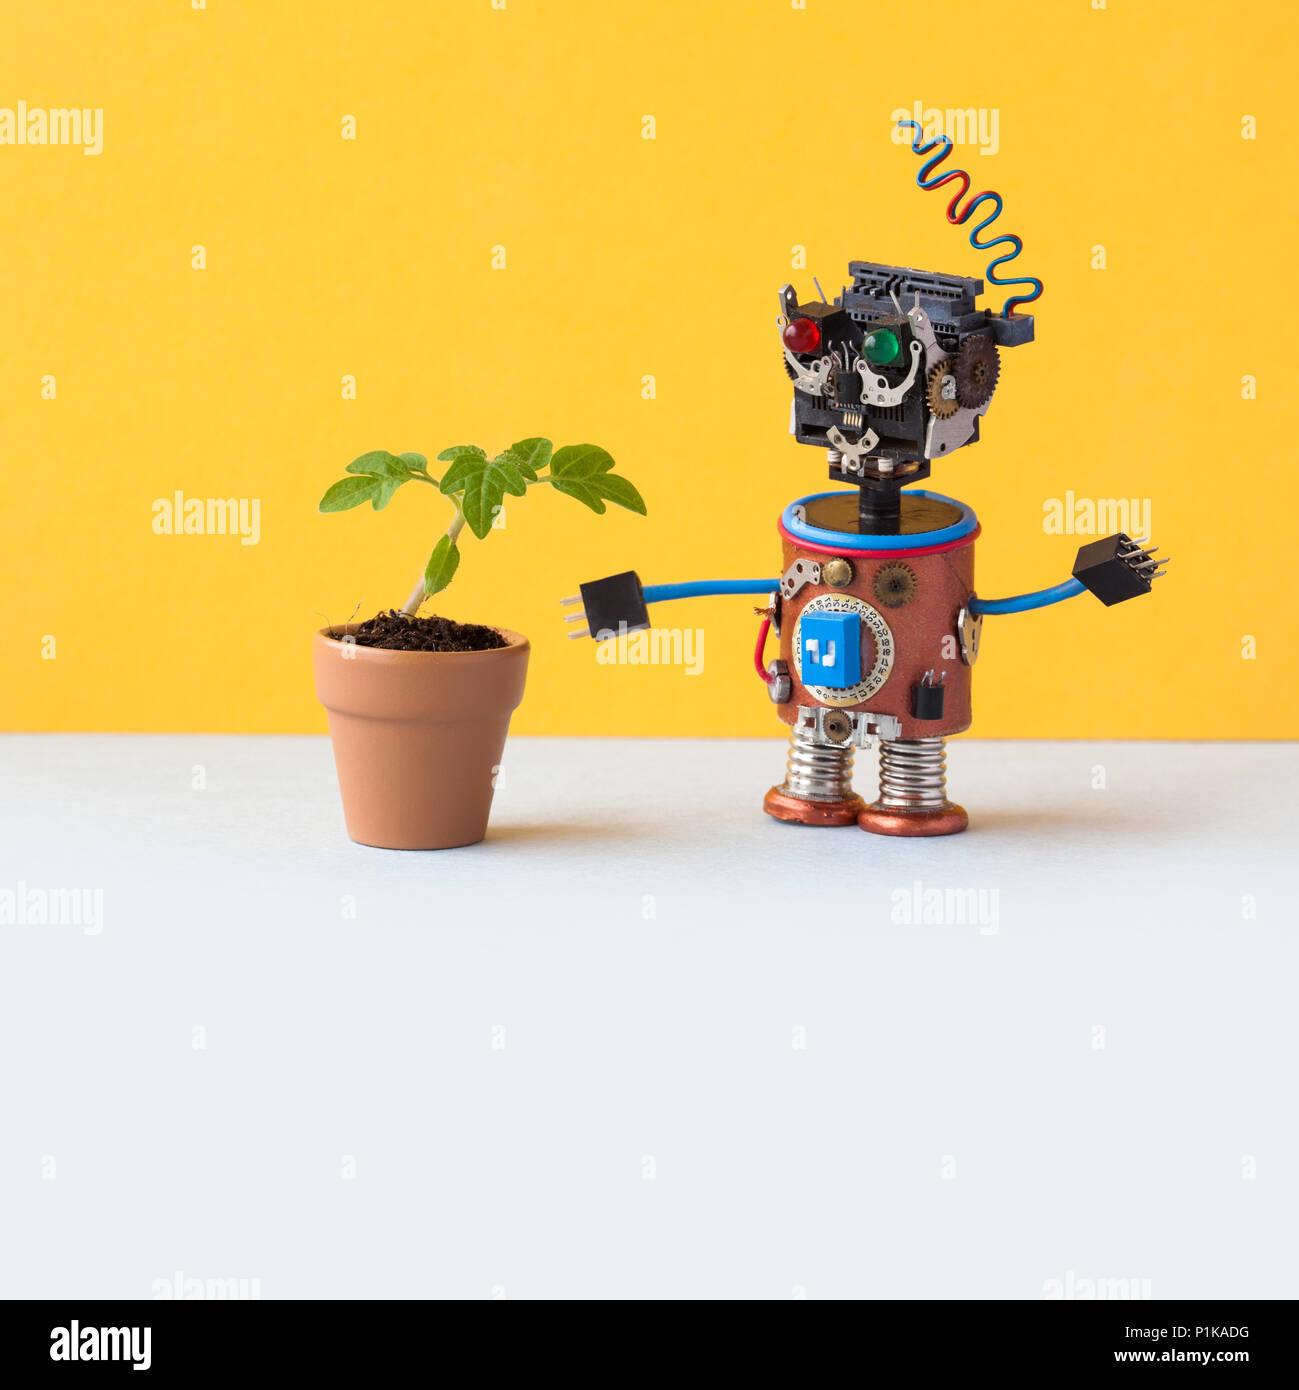 Explore un Robot vivant plante verte dans un pot en argile de fleurs. L'intelligence artificielle de la vie biologique par opposition à l'usine. Mur jaune, blanc marbre. Copier l'espace. Photo Stock